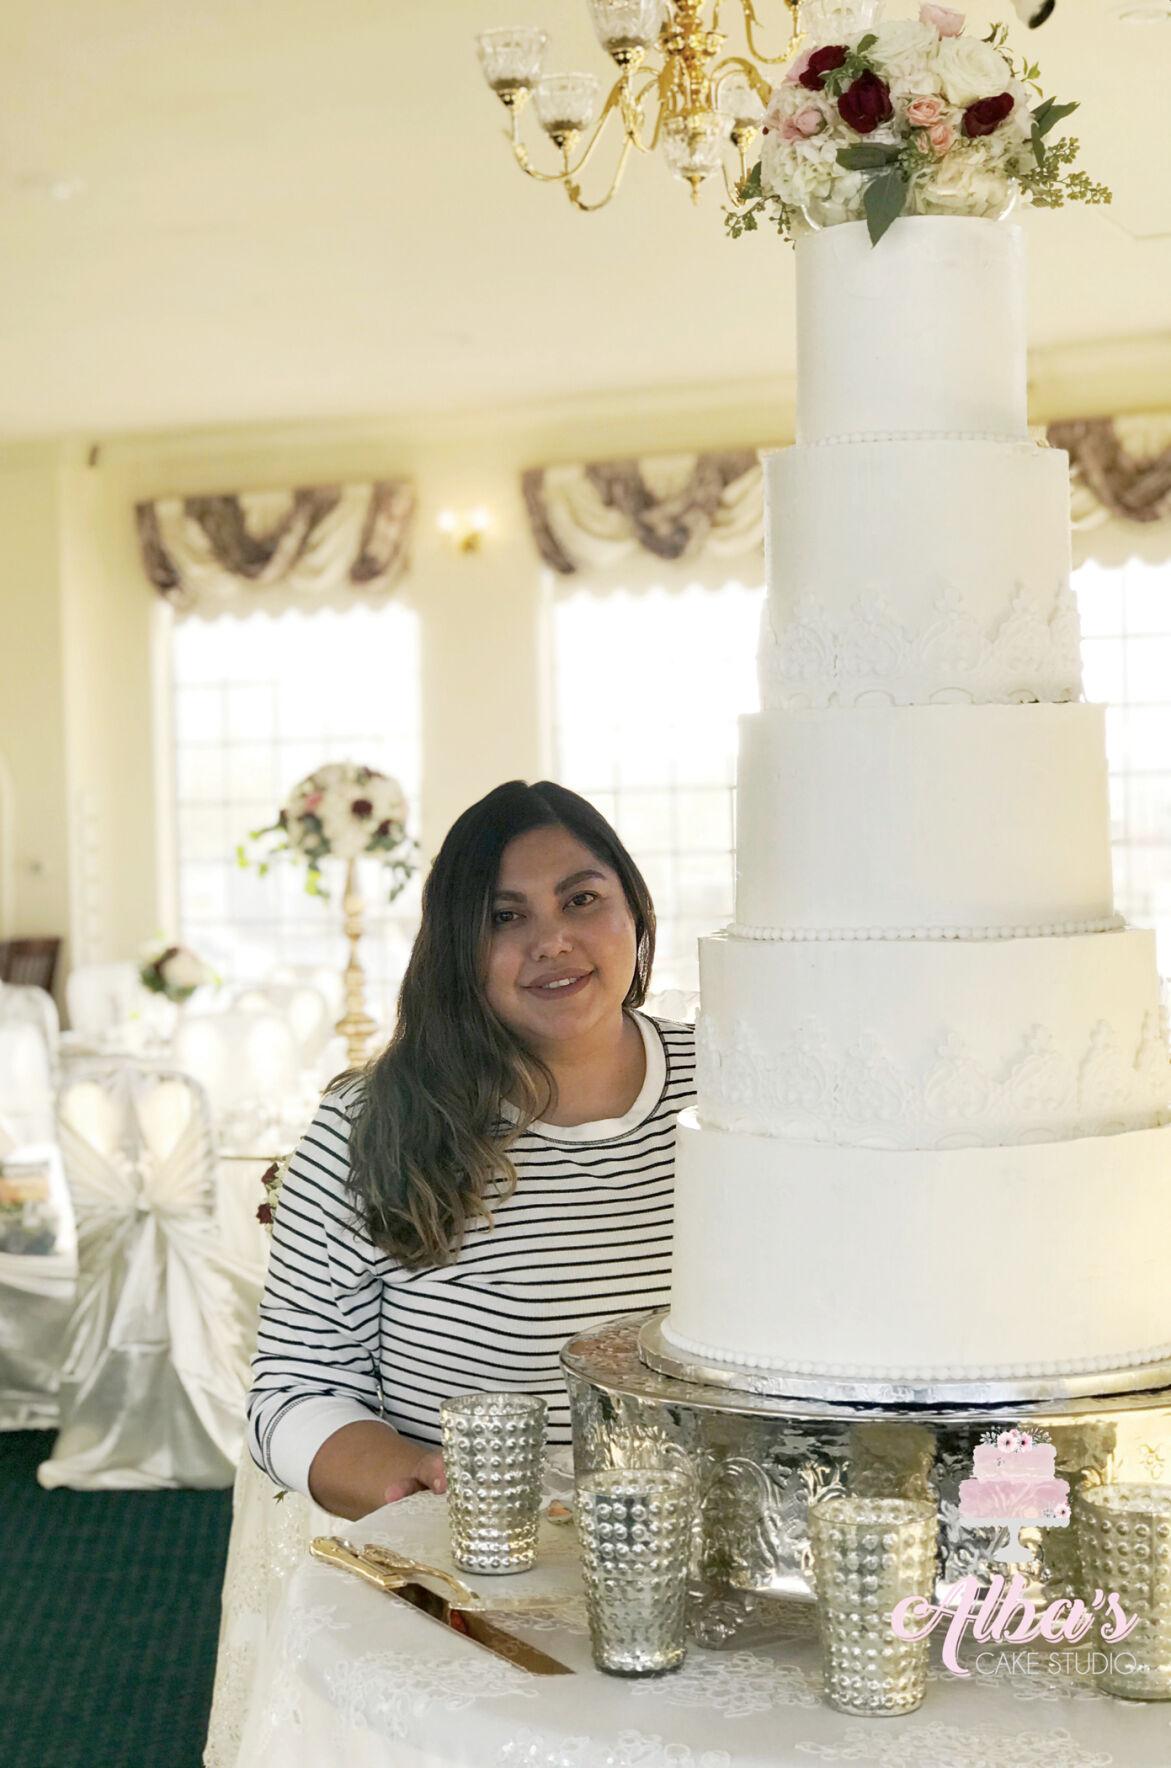 Alba's Cake Studio bakes up tasty treats